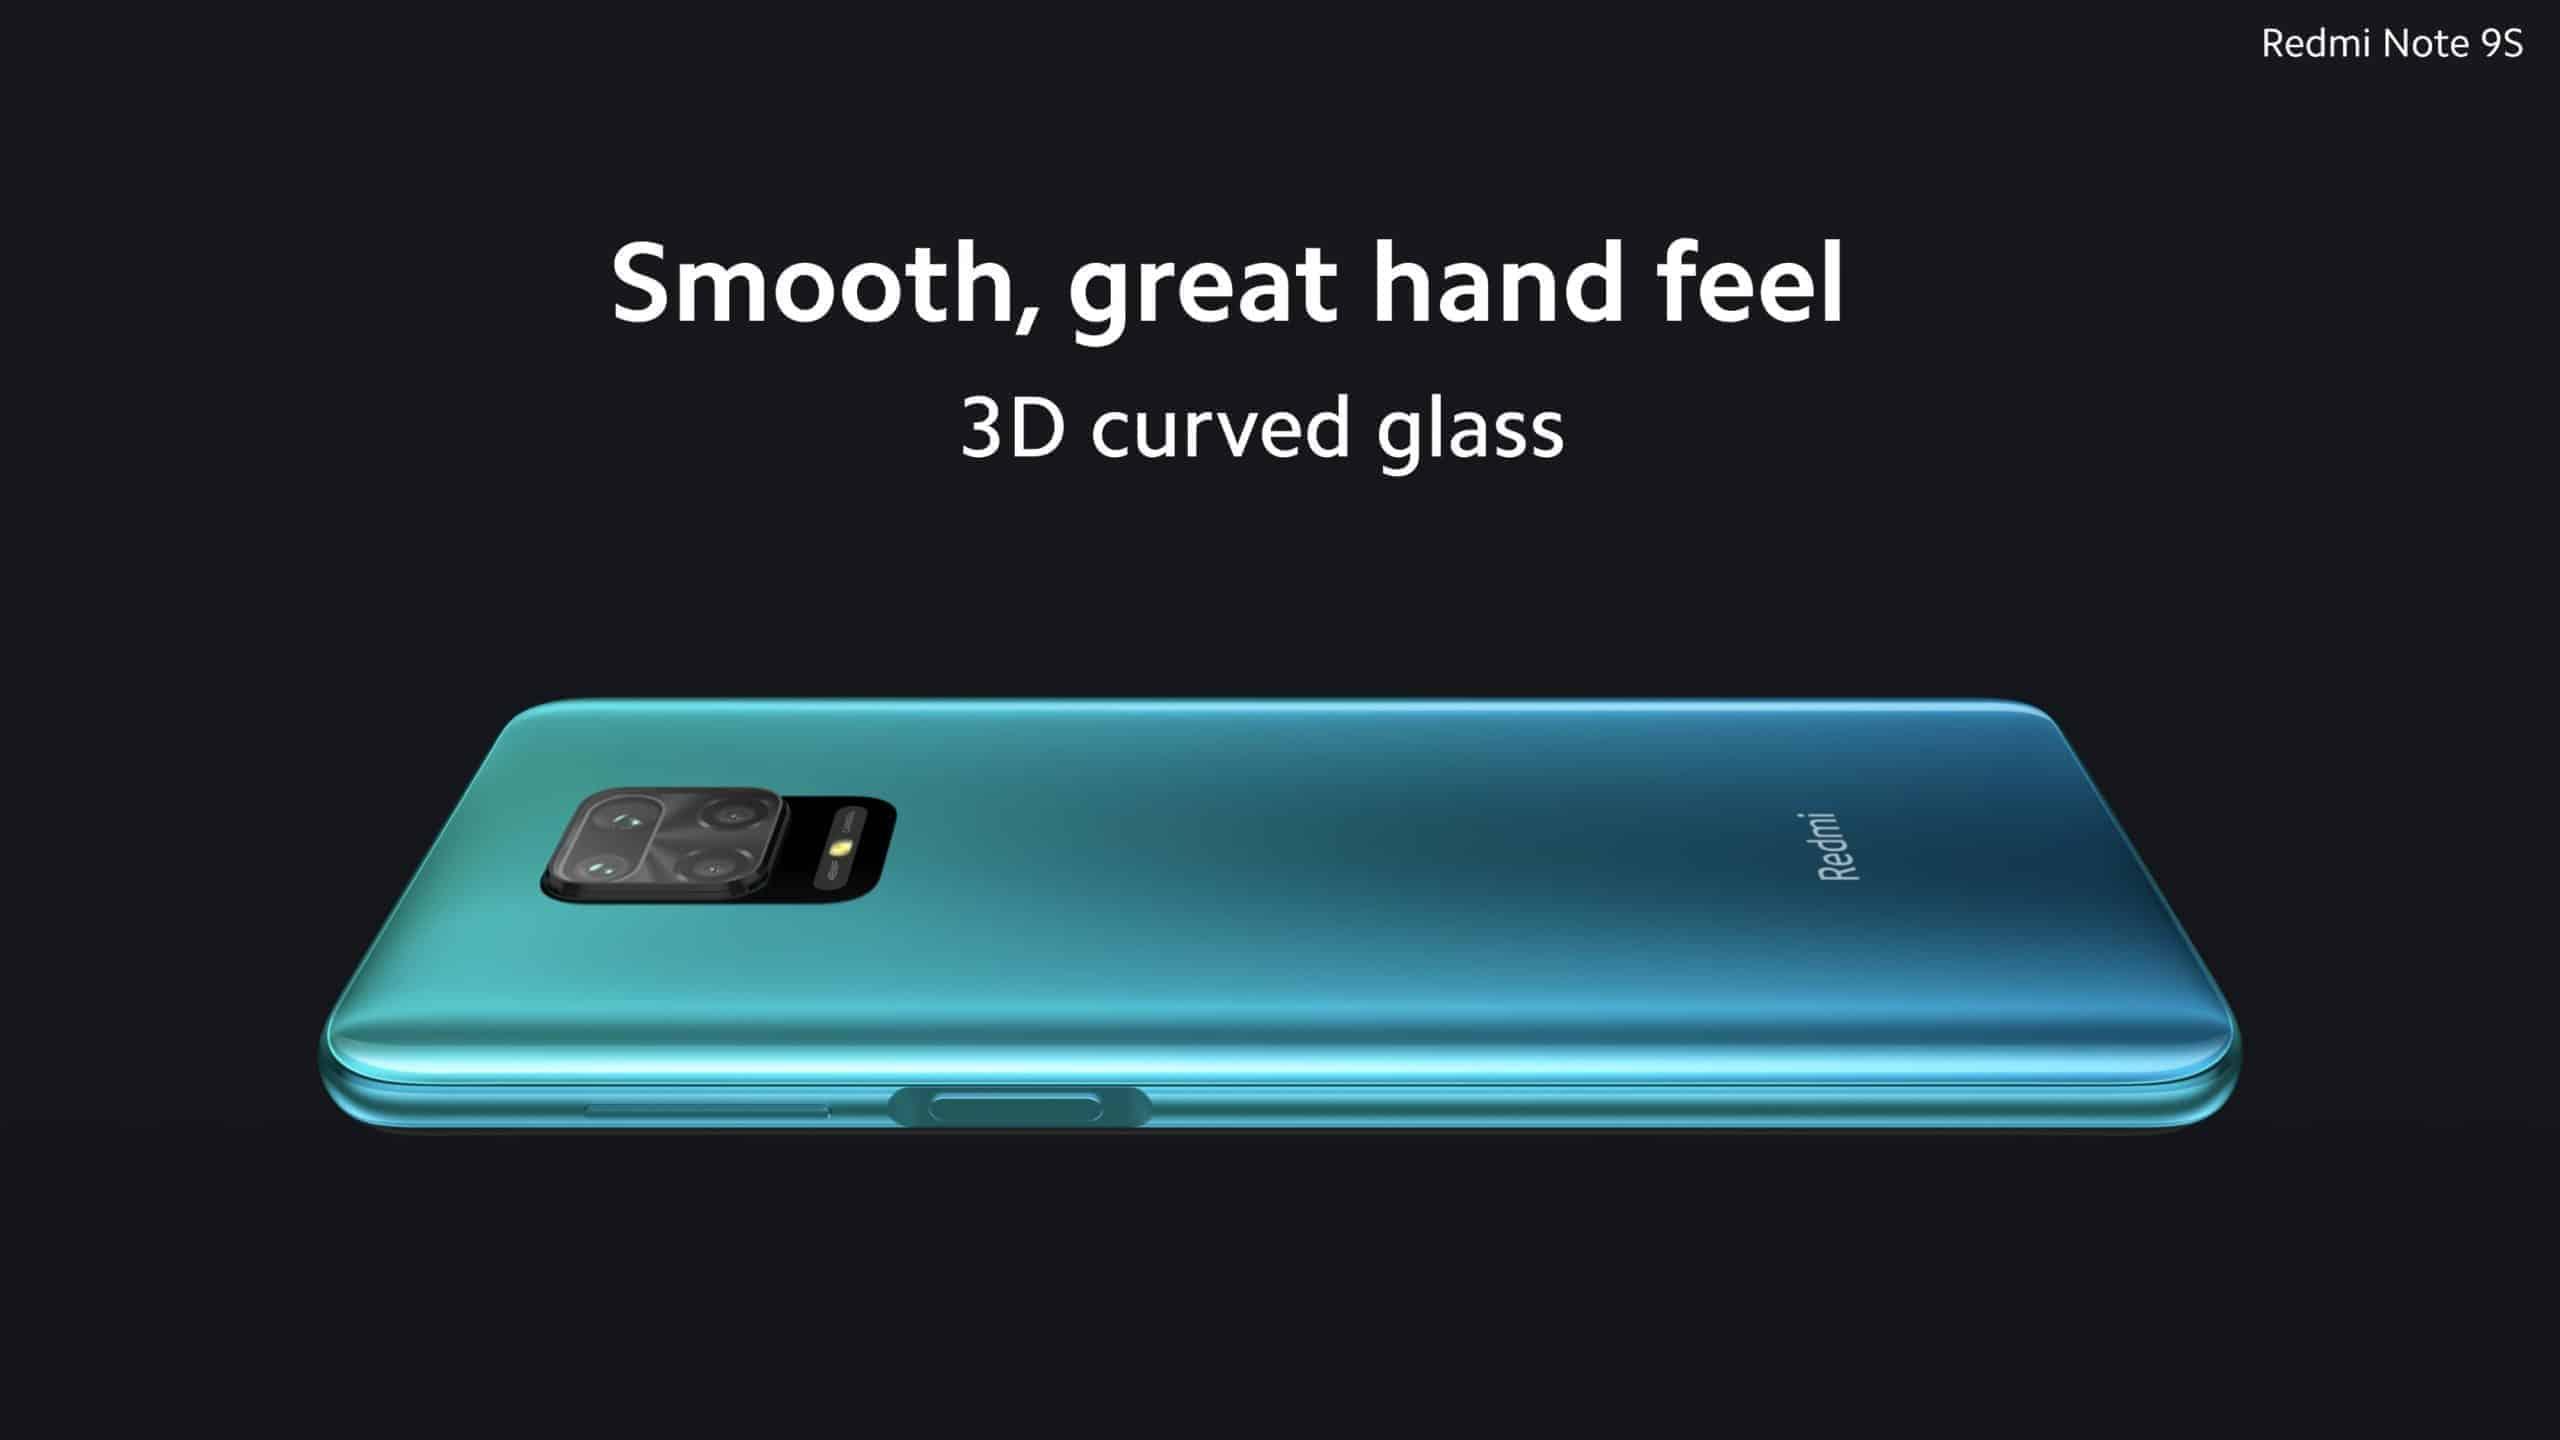 Redmi Note 9S image 5